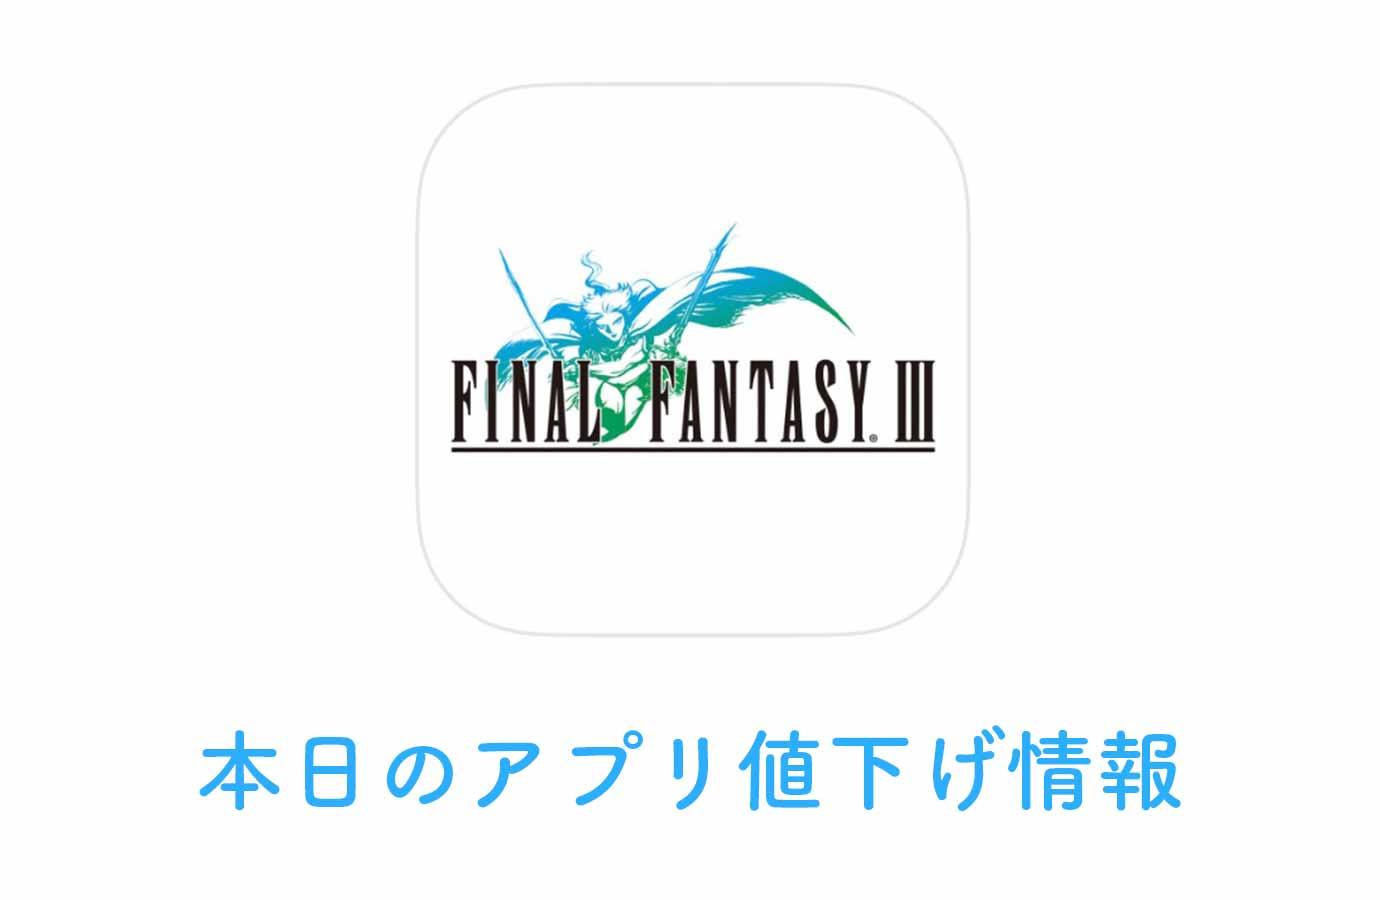 本日まで50%オフ!「FINAL FANTASY III」など【11/9】アプリ値下げ情報